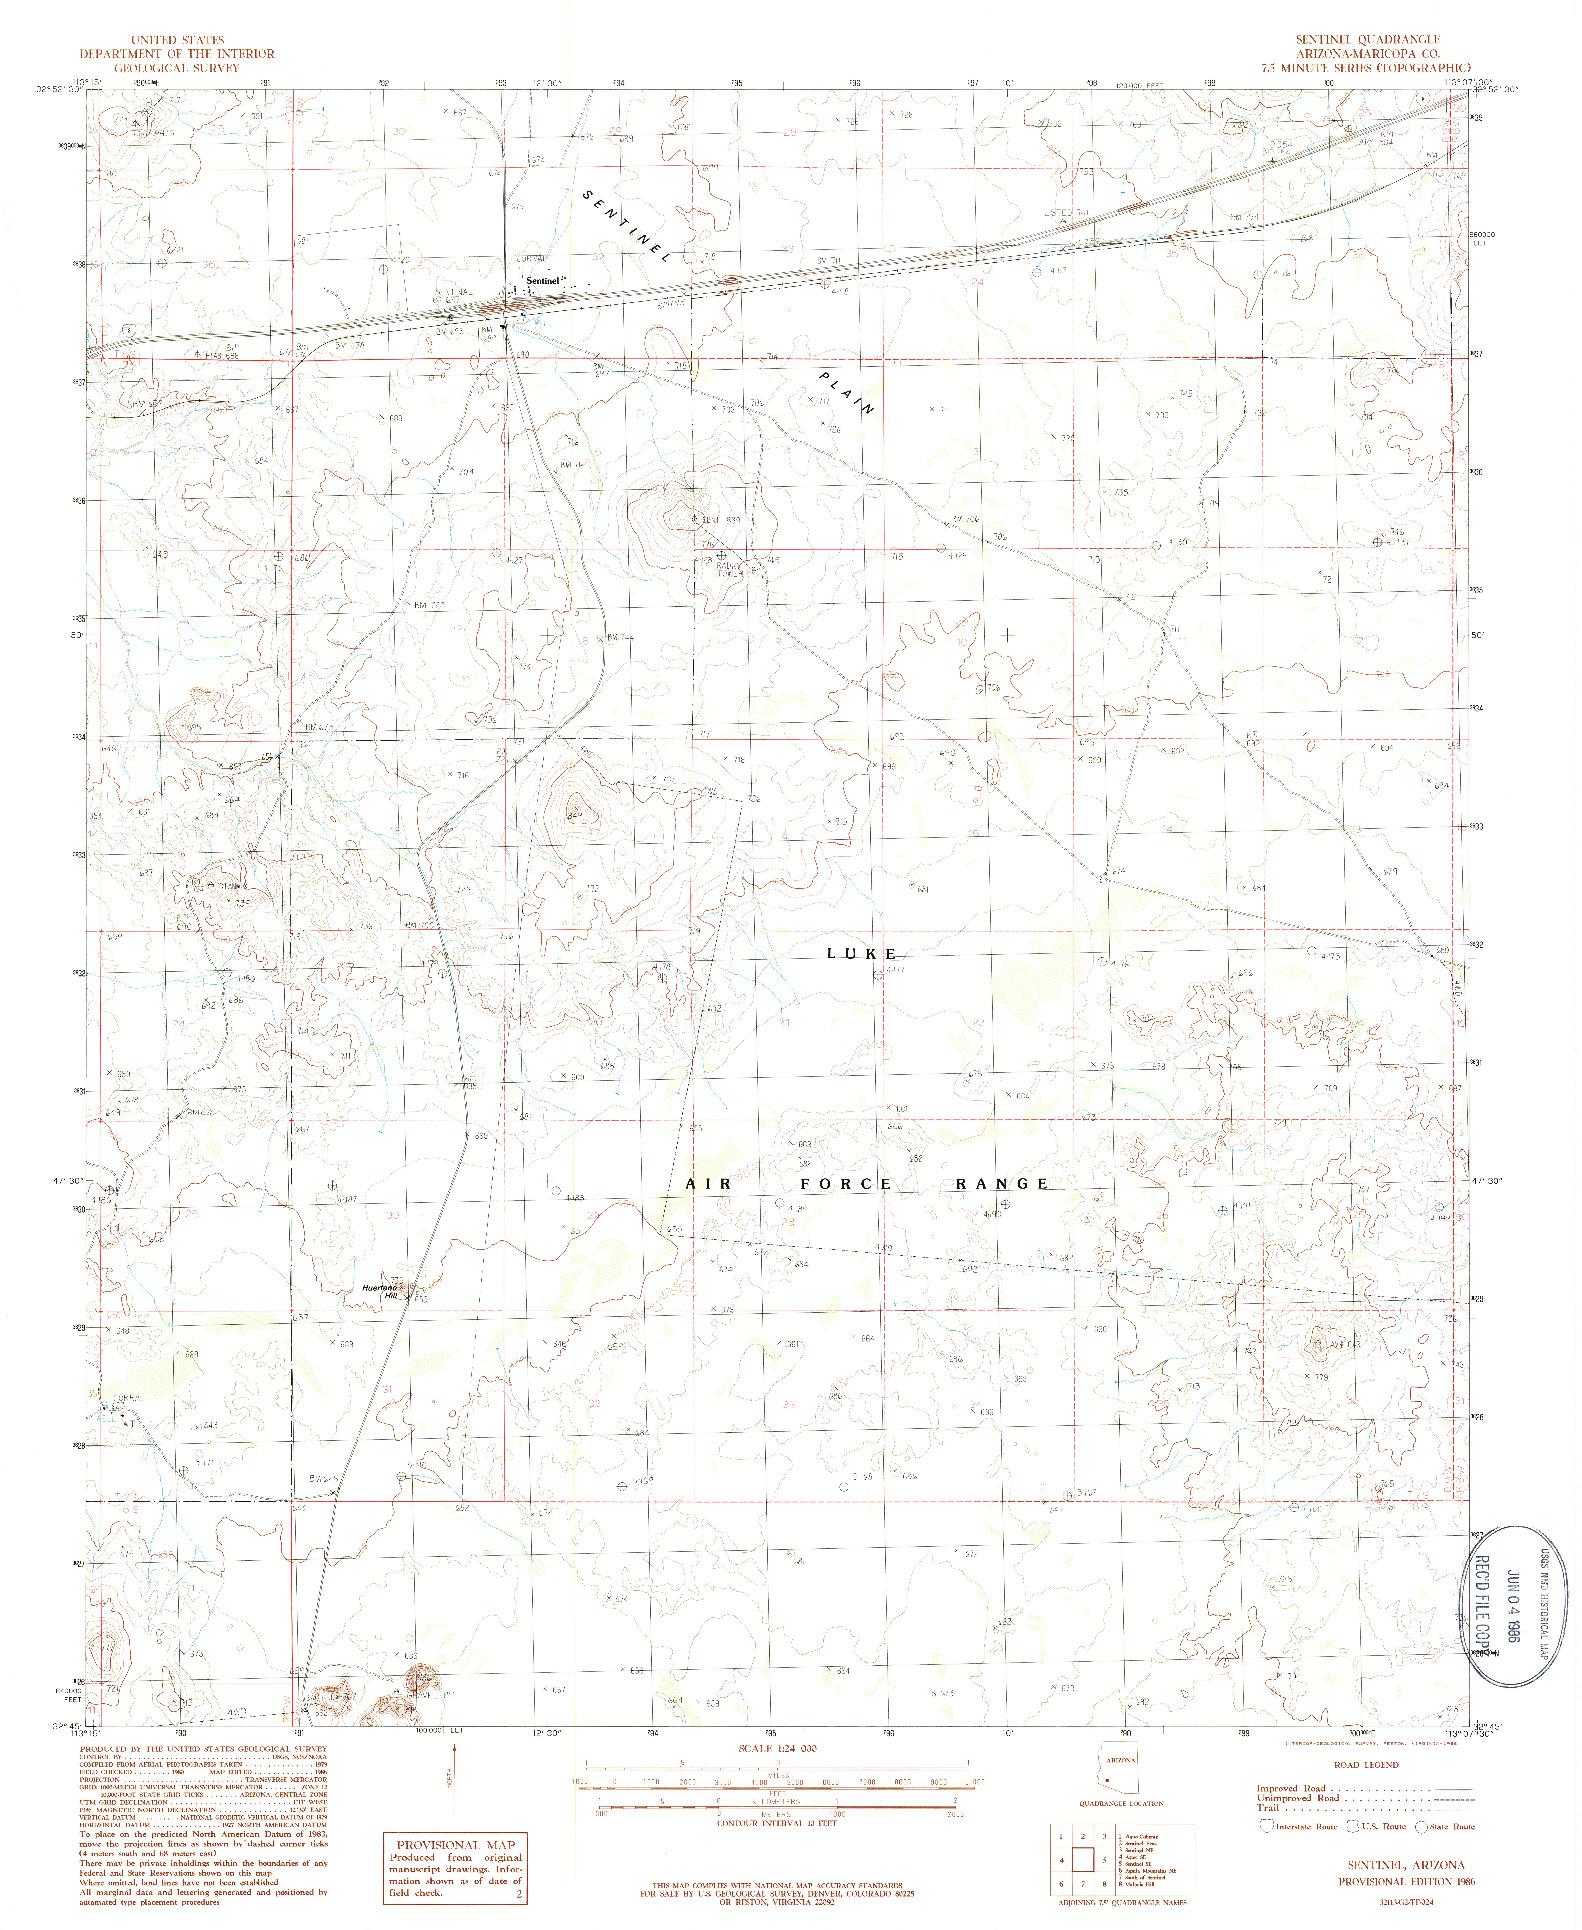 USGS 1:24000-SCALE QUADRANGLE FOR SENTINEL, AZ 1986